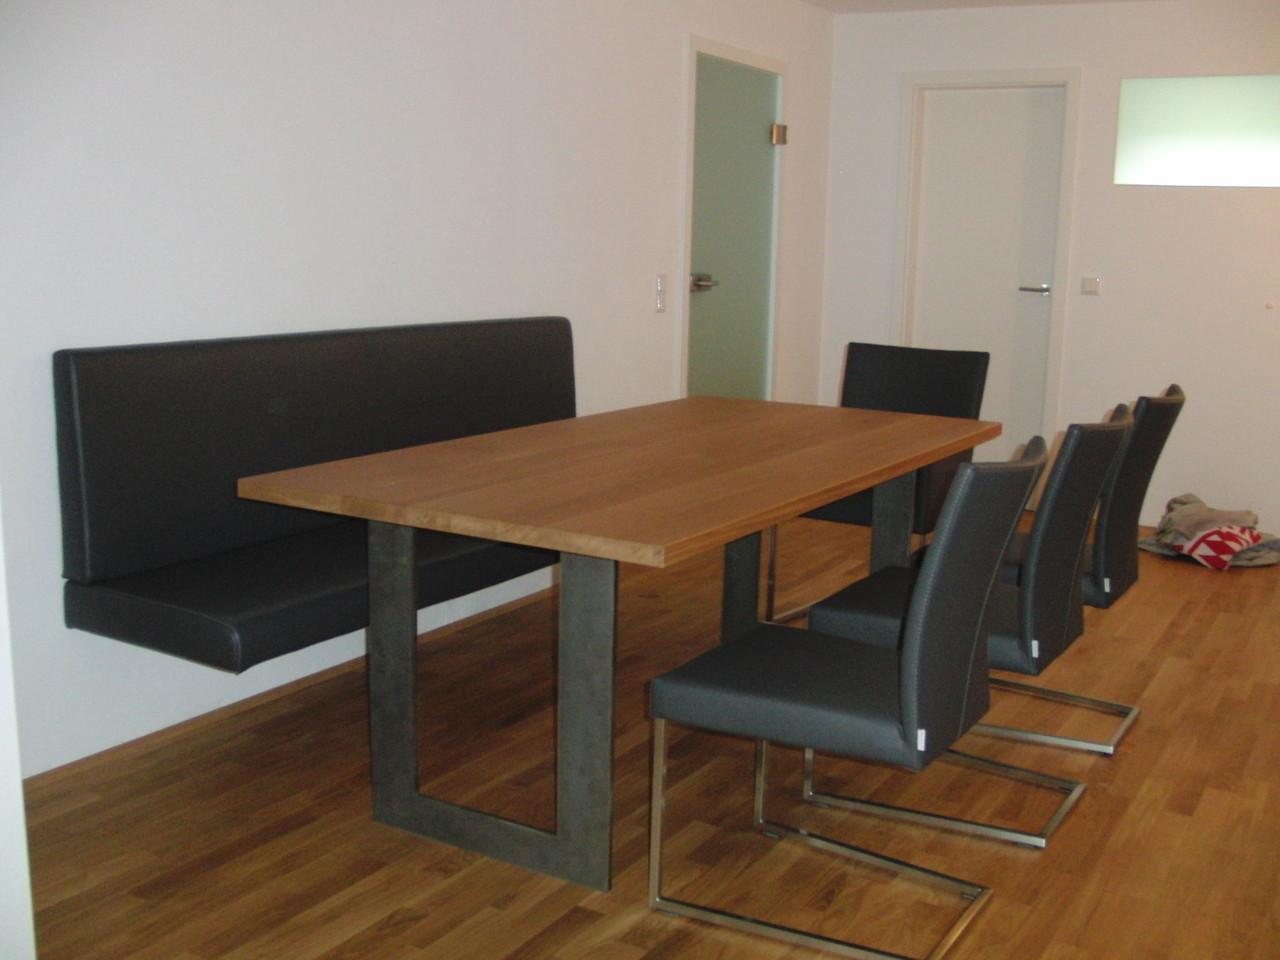 Eckbank und Stühle mit echtem Leder bezogen